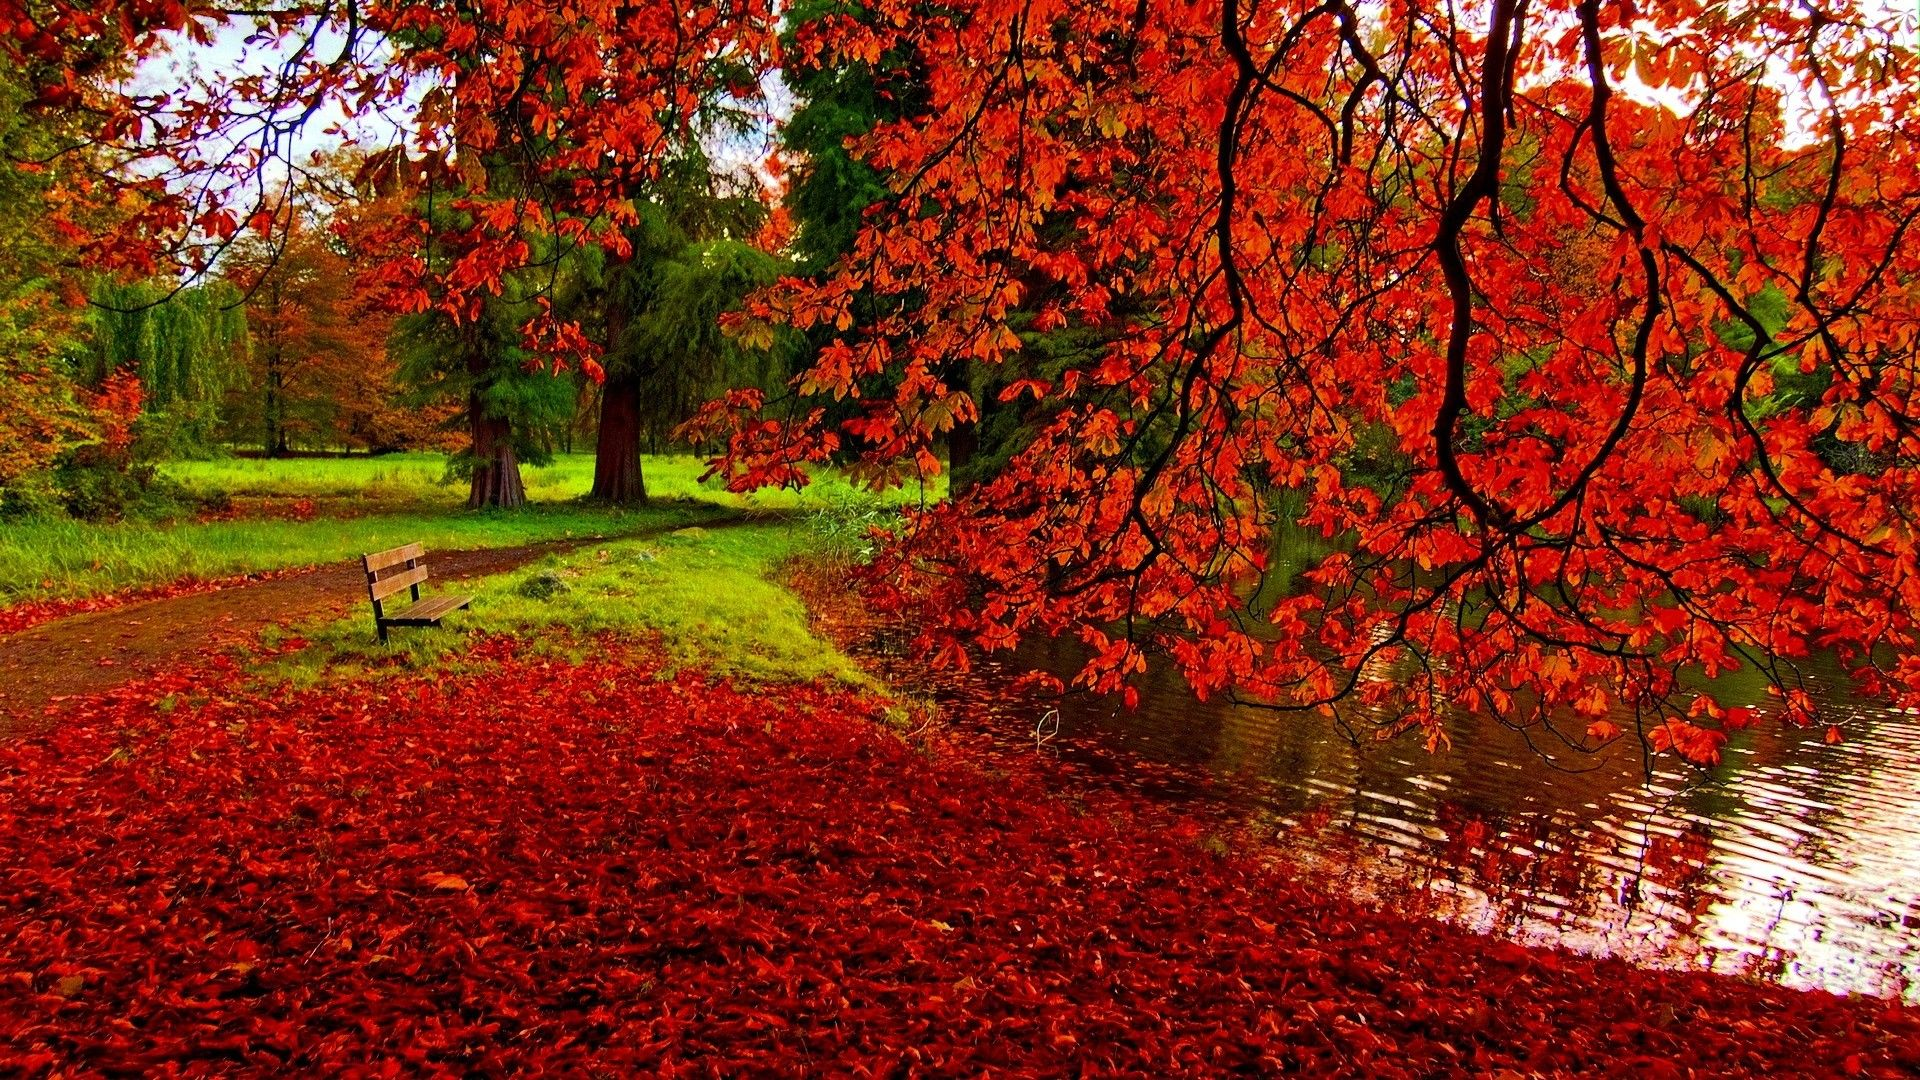 Epingle Par Krikri Sur Iphone Wallpapers Feuilles Rouges Photo Magnifique Paysage Automne